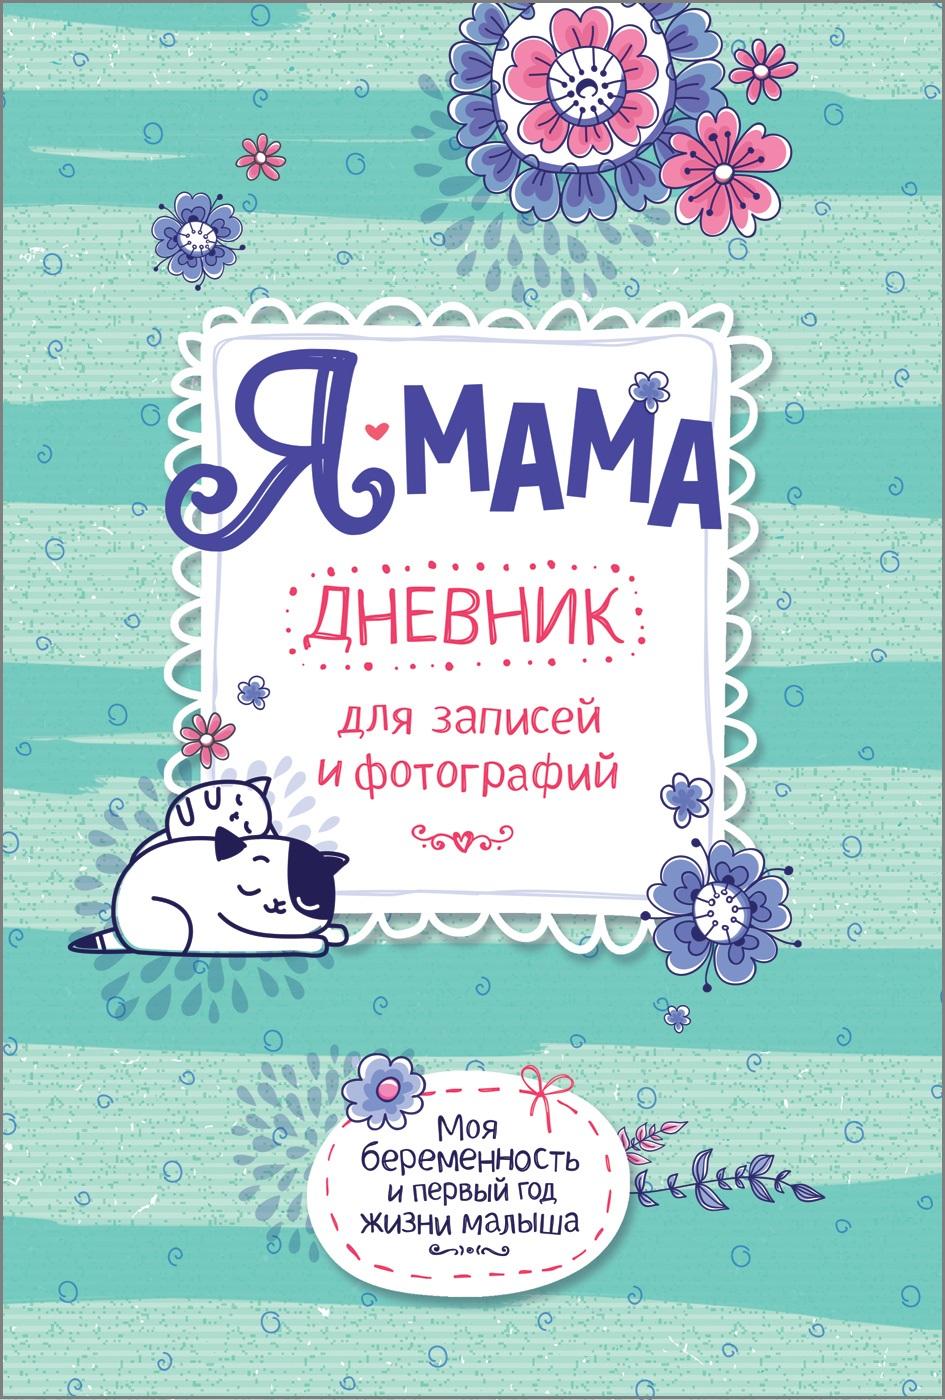 Я - мама. Дневник для записей и фотографий